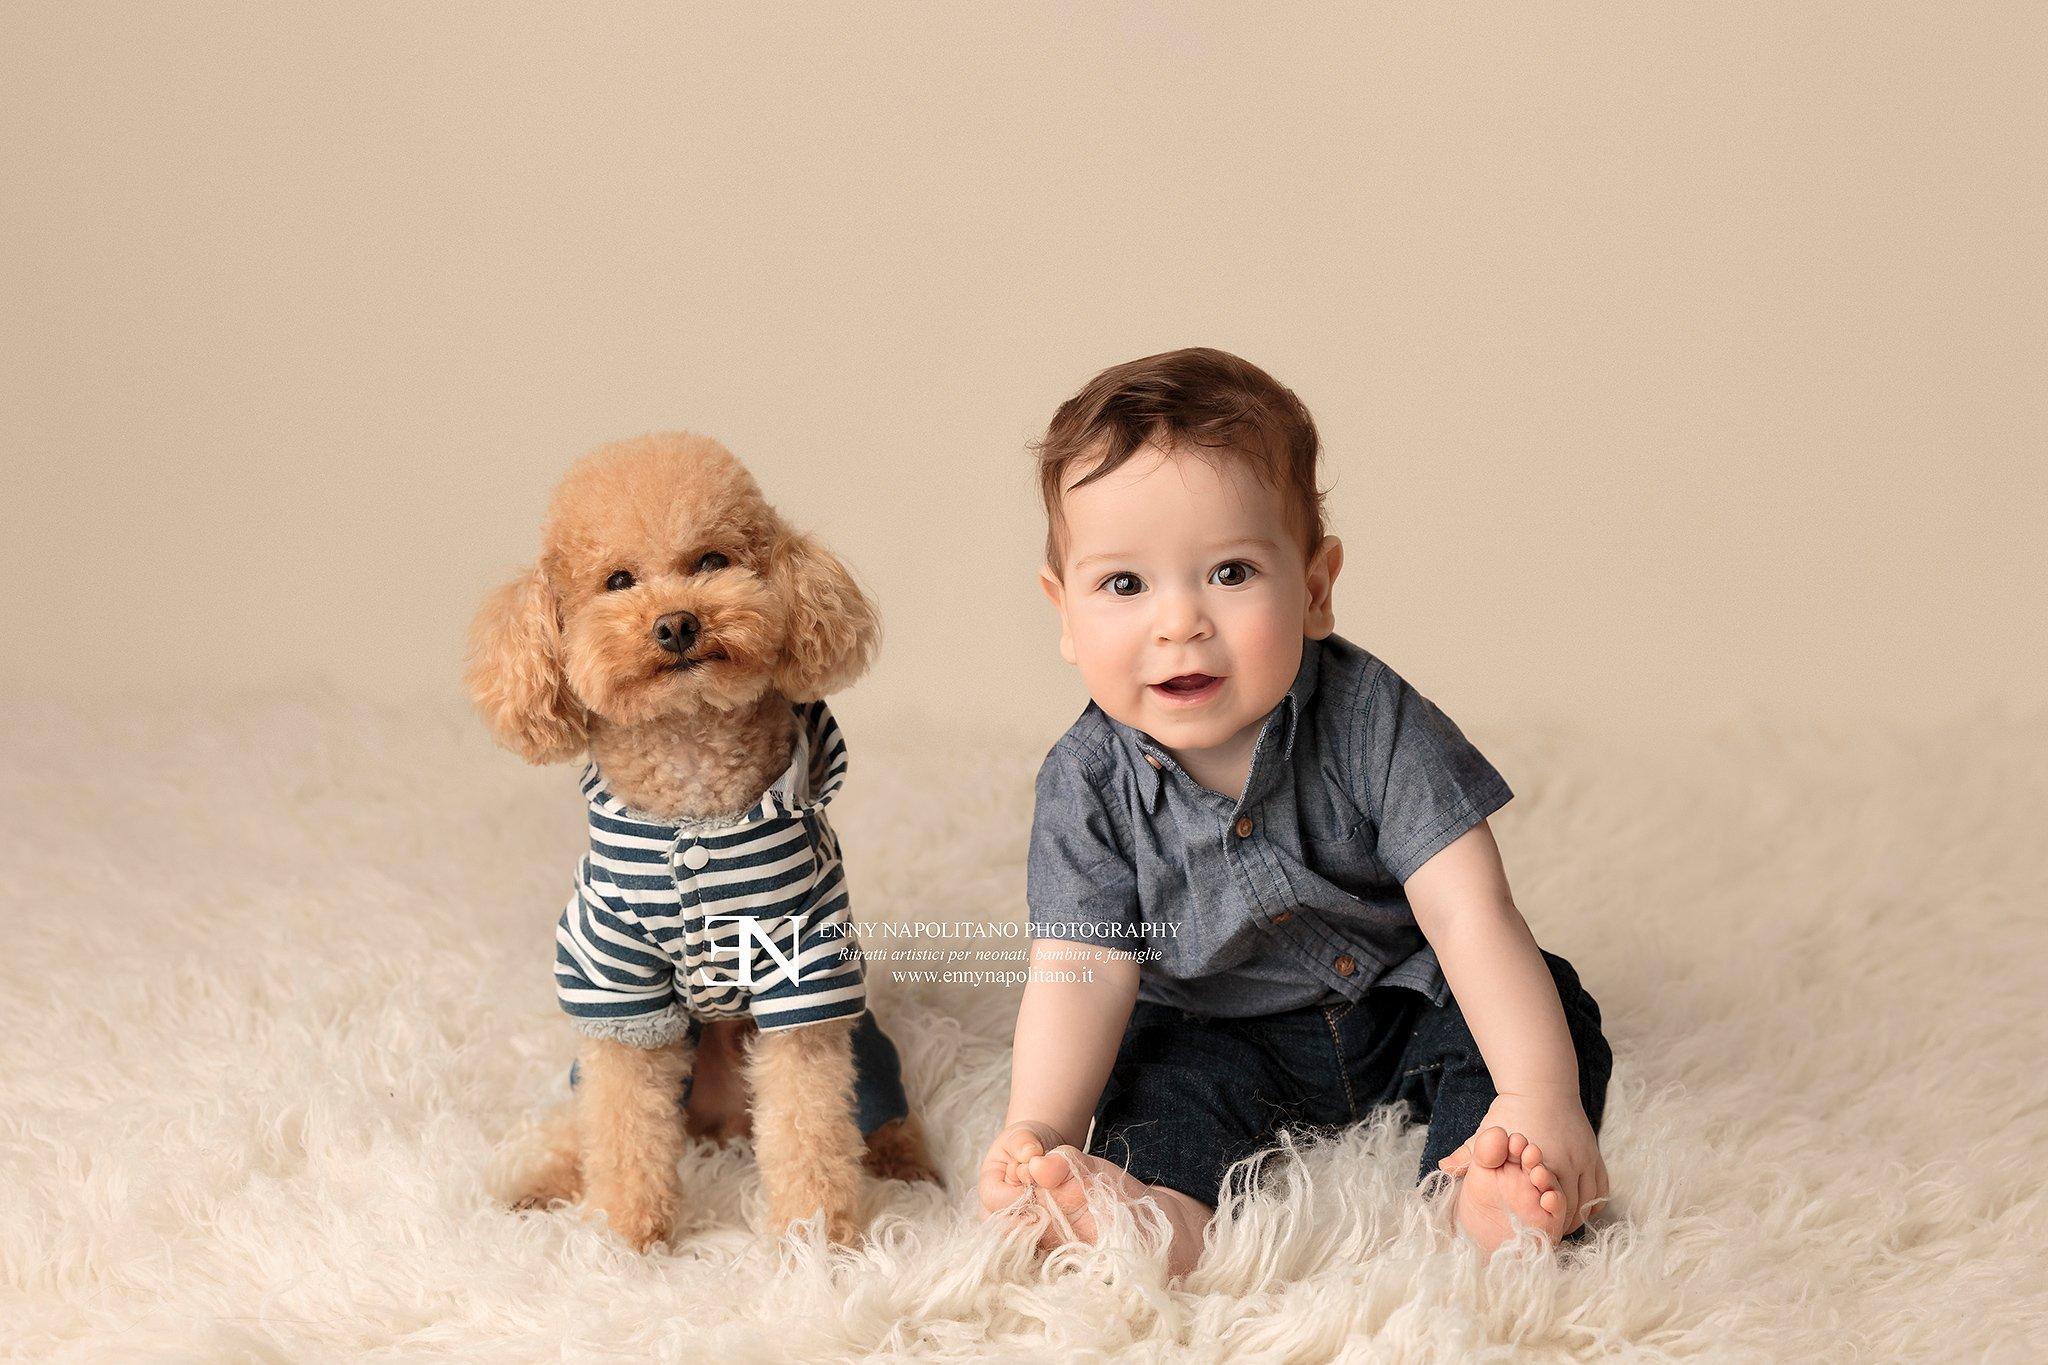 fotografia di bambino con cane durante un servizio fotografico per bebè, bambini e famiglie a Milano